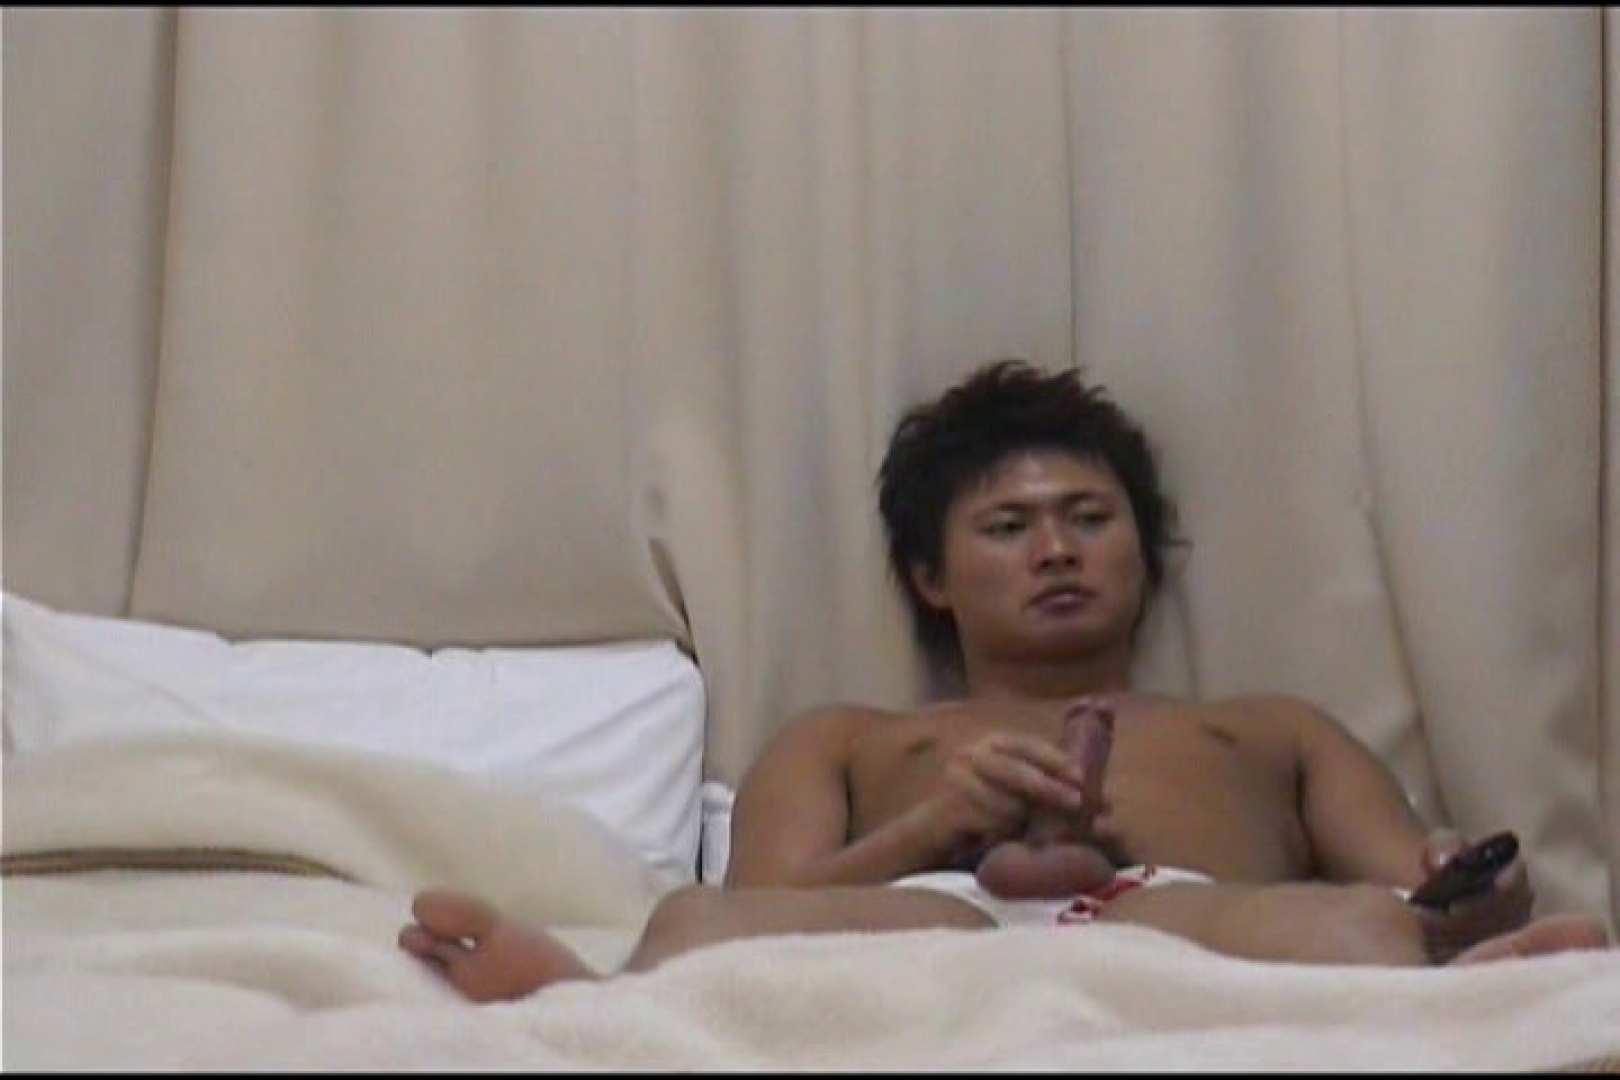 目線解禁!ノンケイケメン自慰行為編特集!VOL.01 イケメンのsex | 人気シリーズ  54pic 28